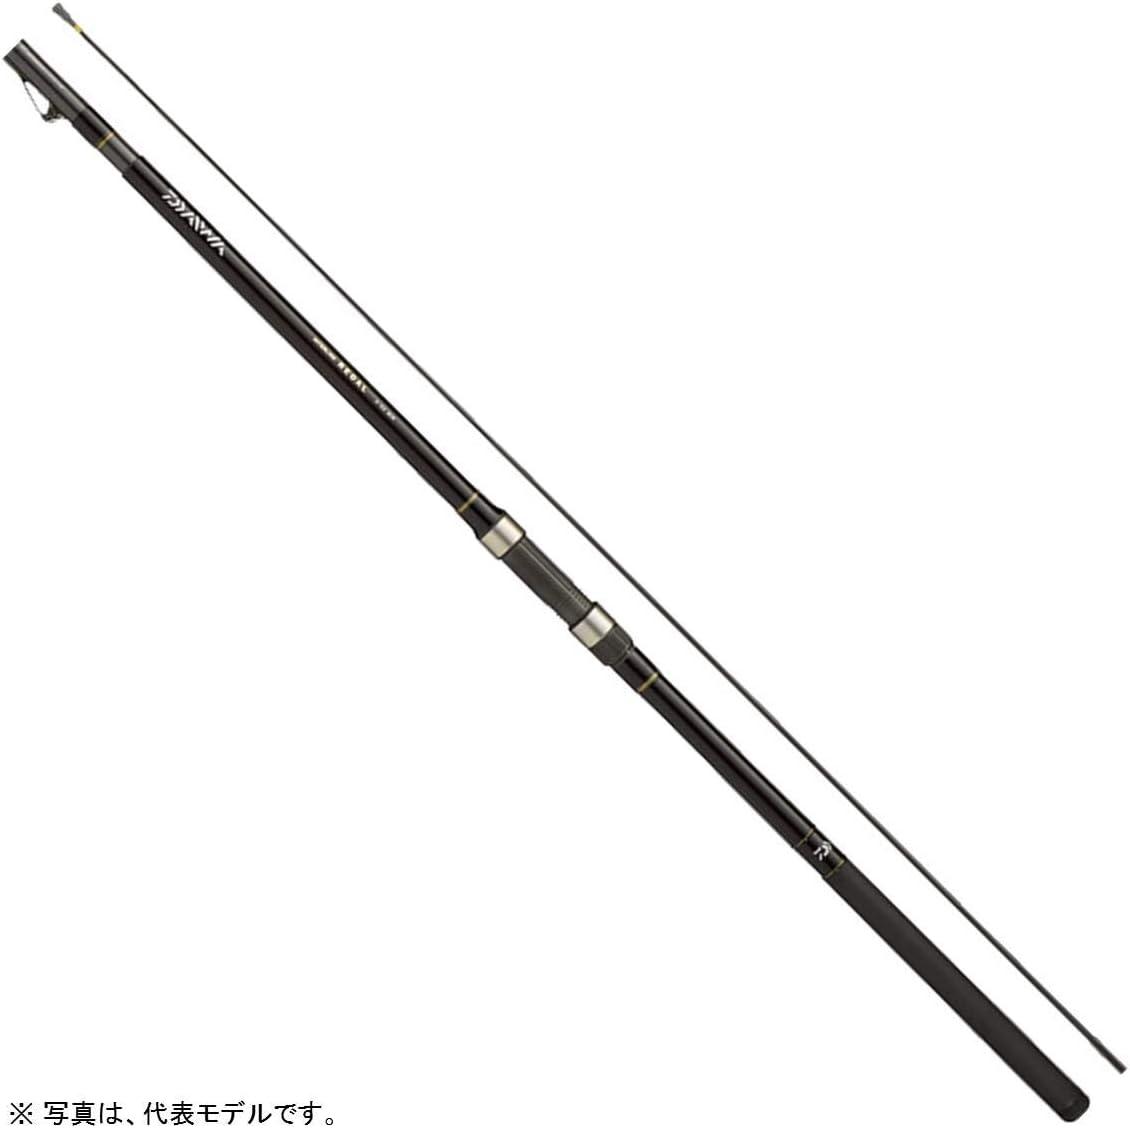 ダイワ(Daiwa) 磯竿 スピニング インターライン リーガル 3-52遠投 釣り竿